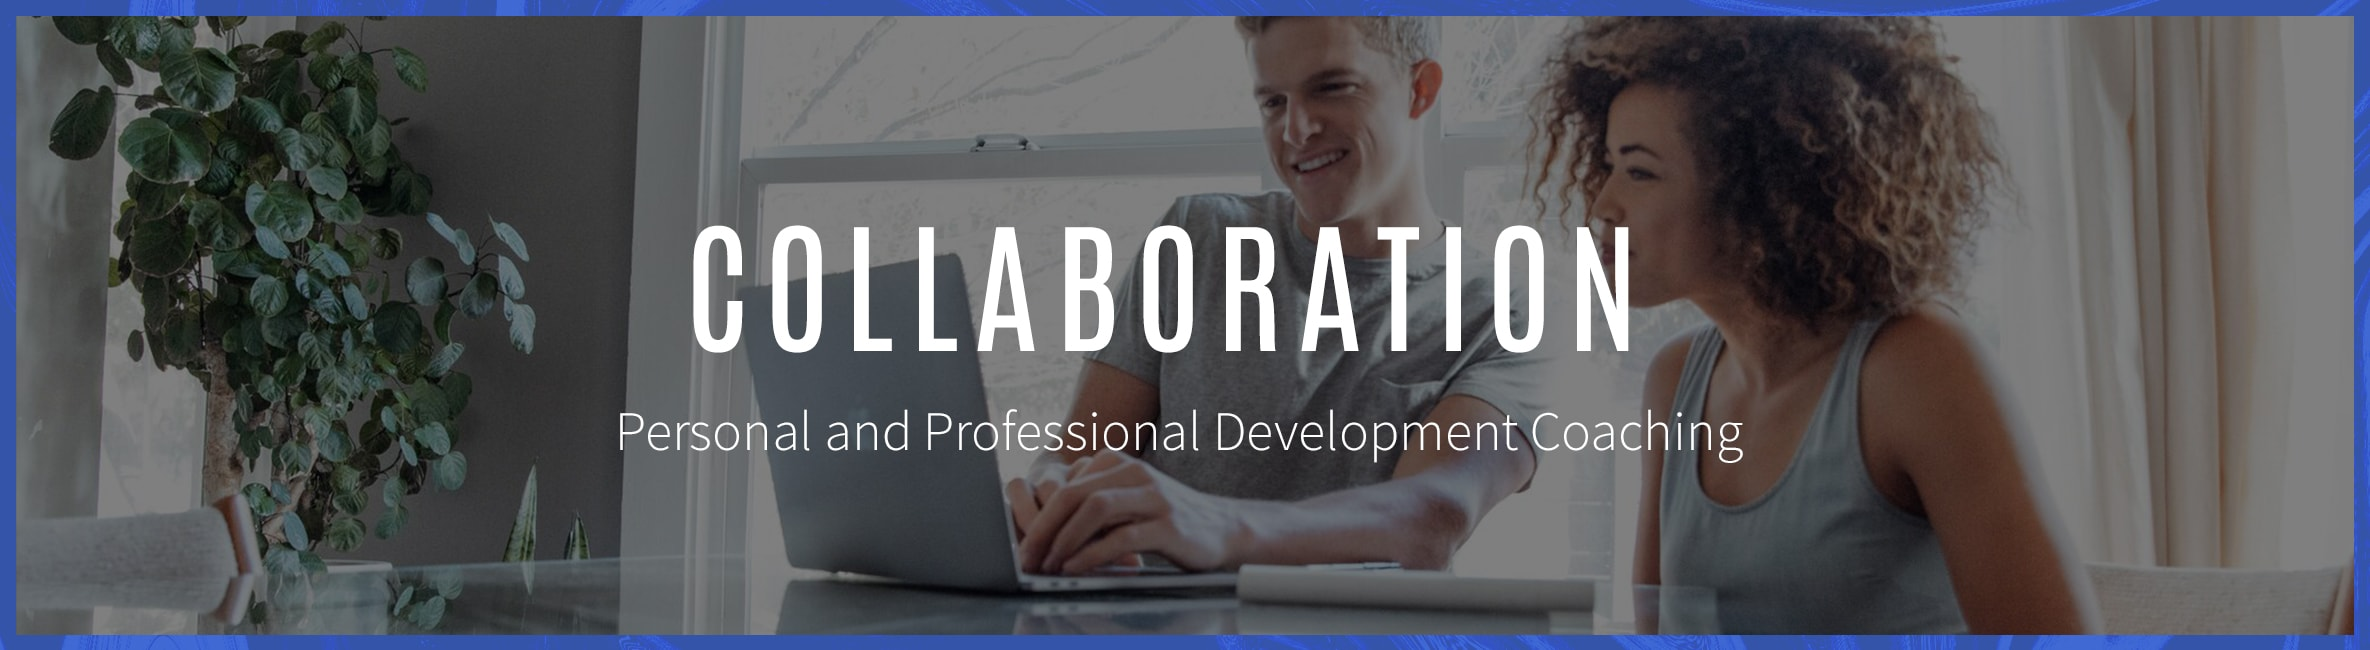 TM_Update_Collaboration.jpg